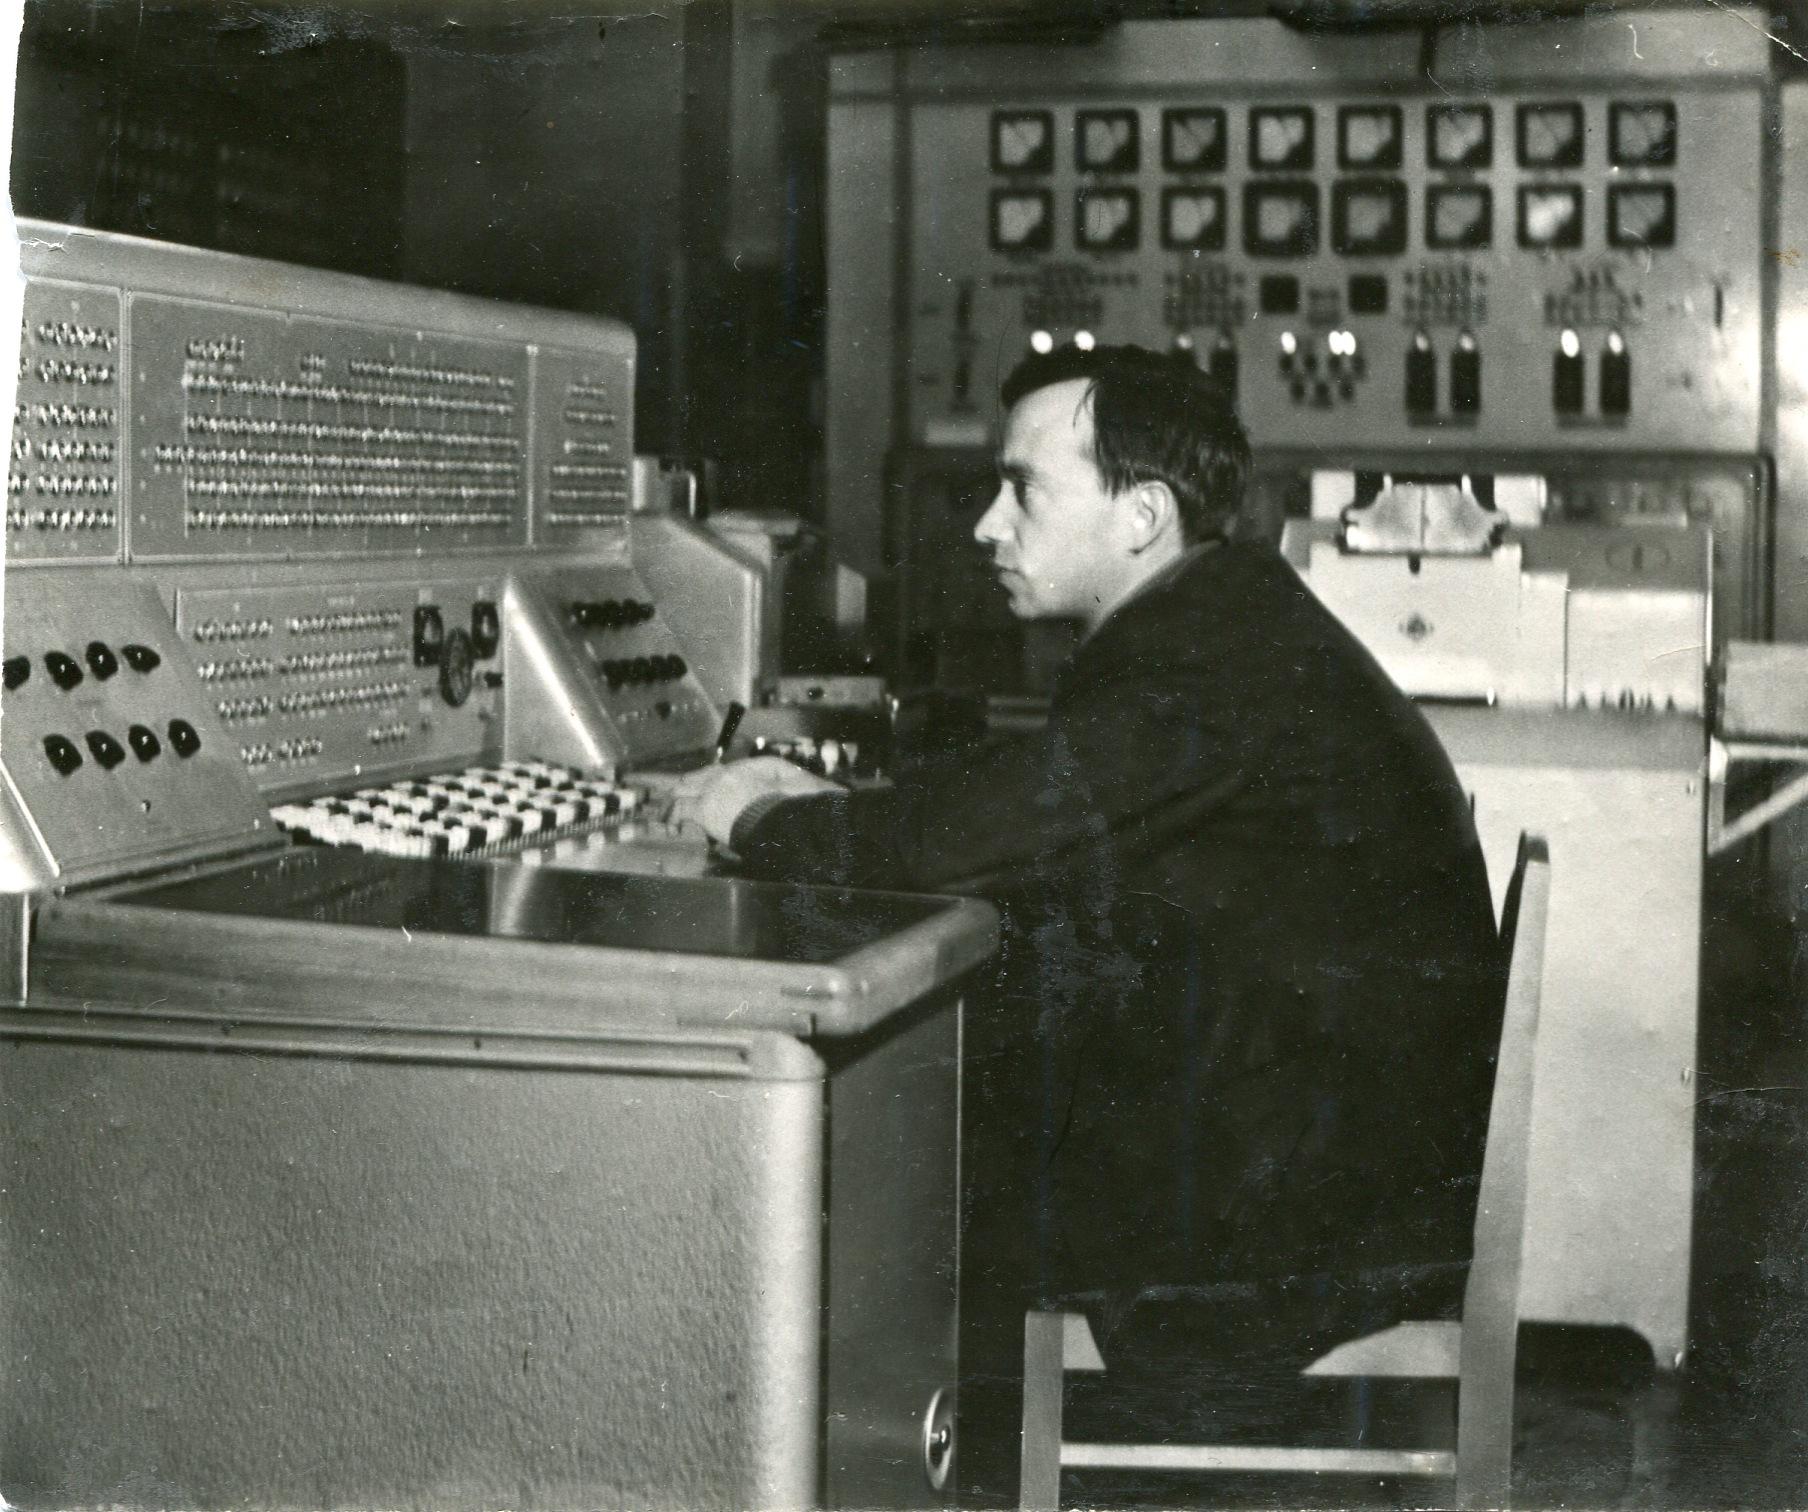 Забытый день рождения эвм.  4 декабря 1948 года в ссср была подана заявка на изобретение цифровой электронно-вычислительной машины - тасс